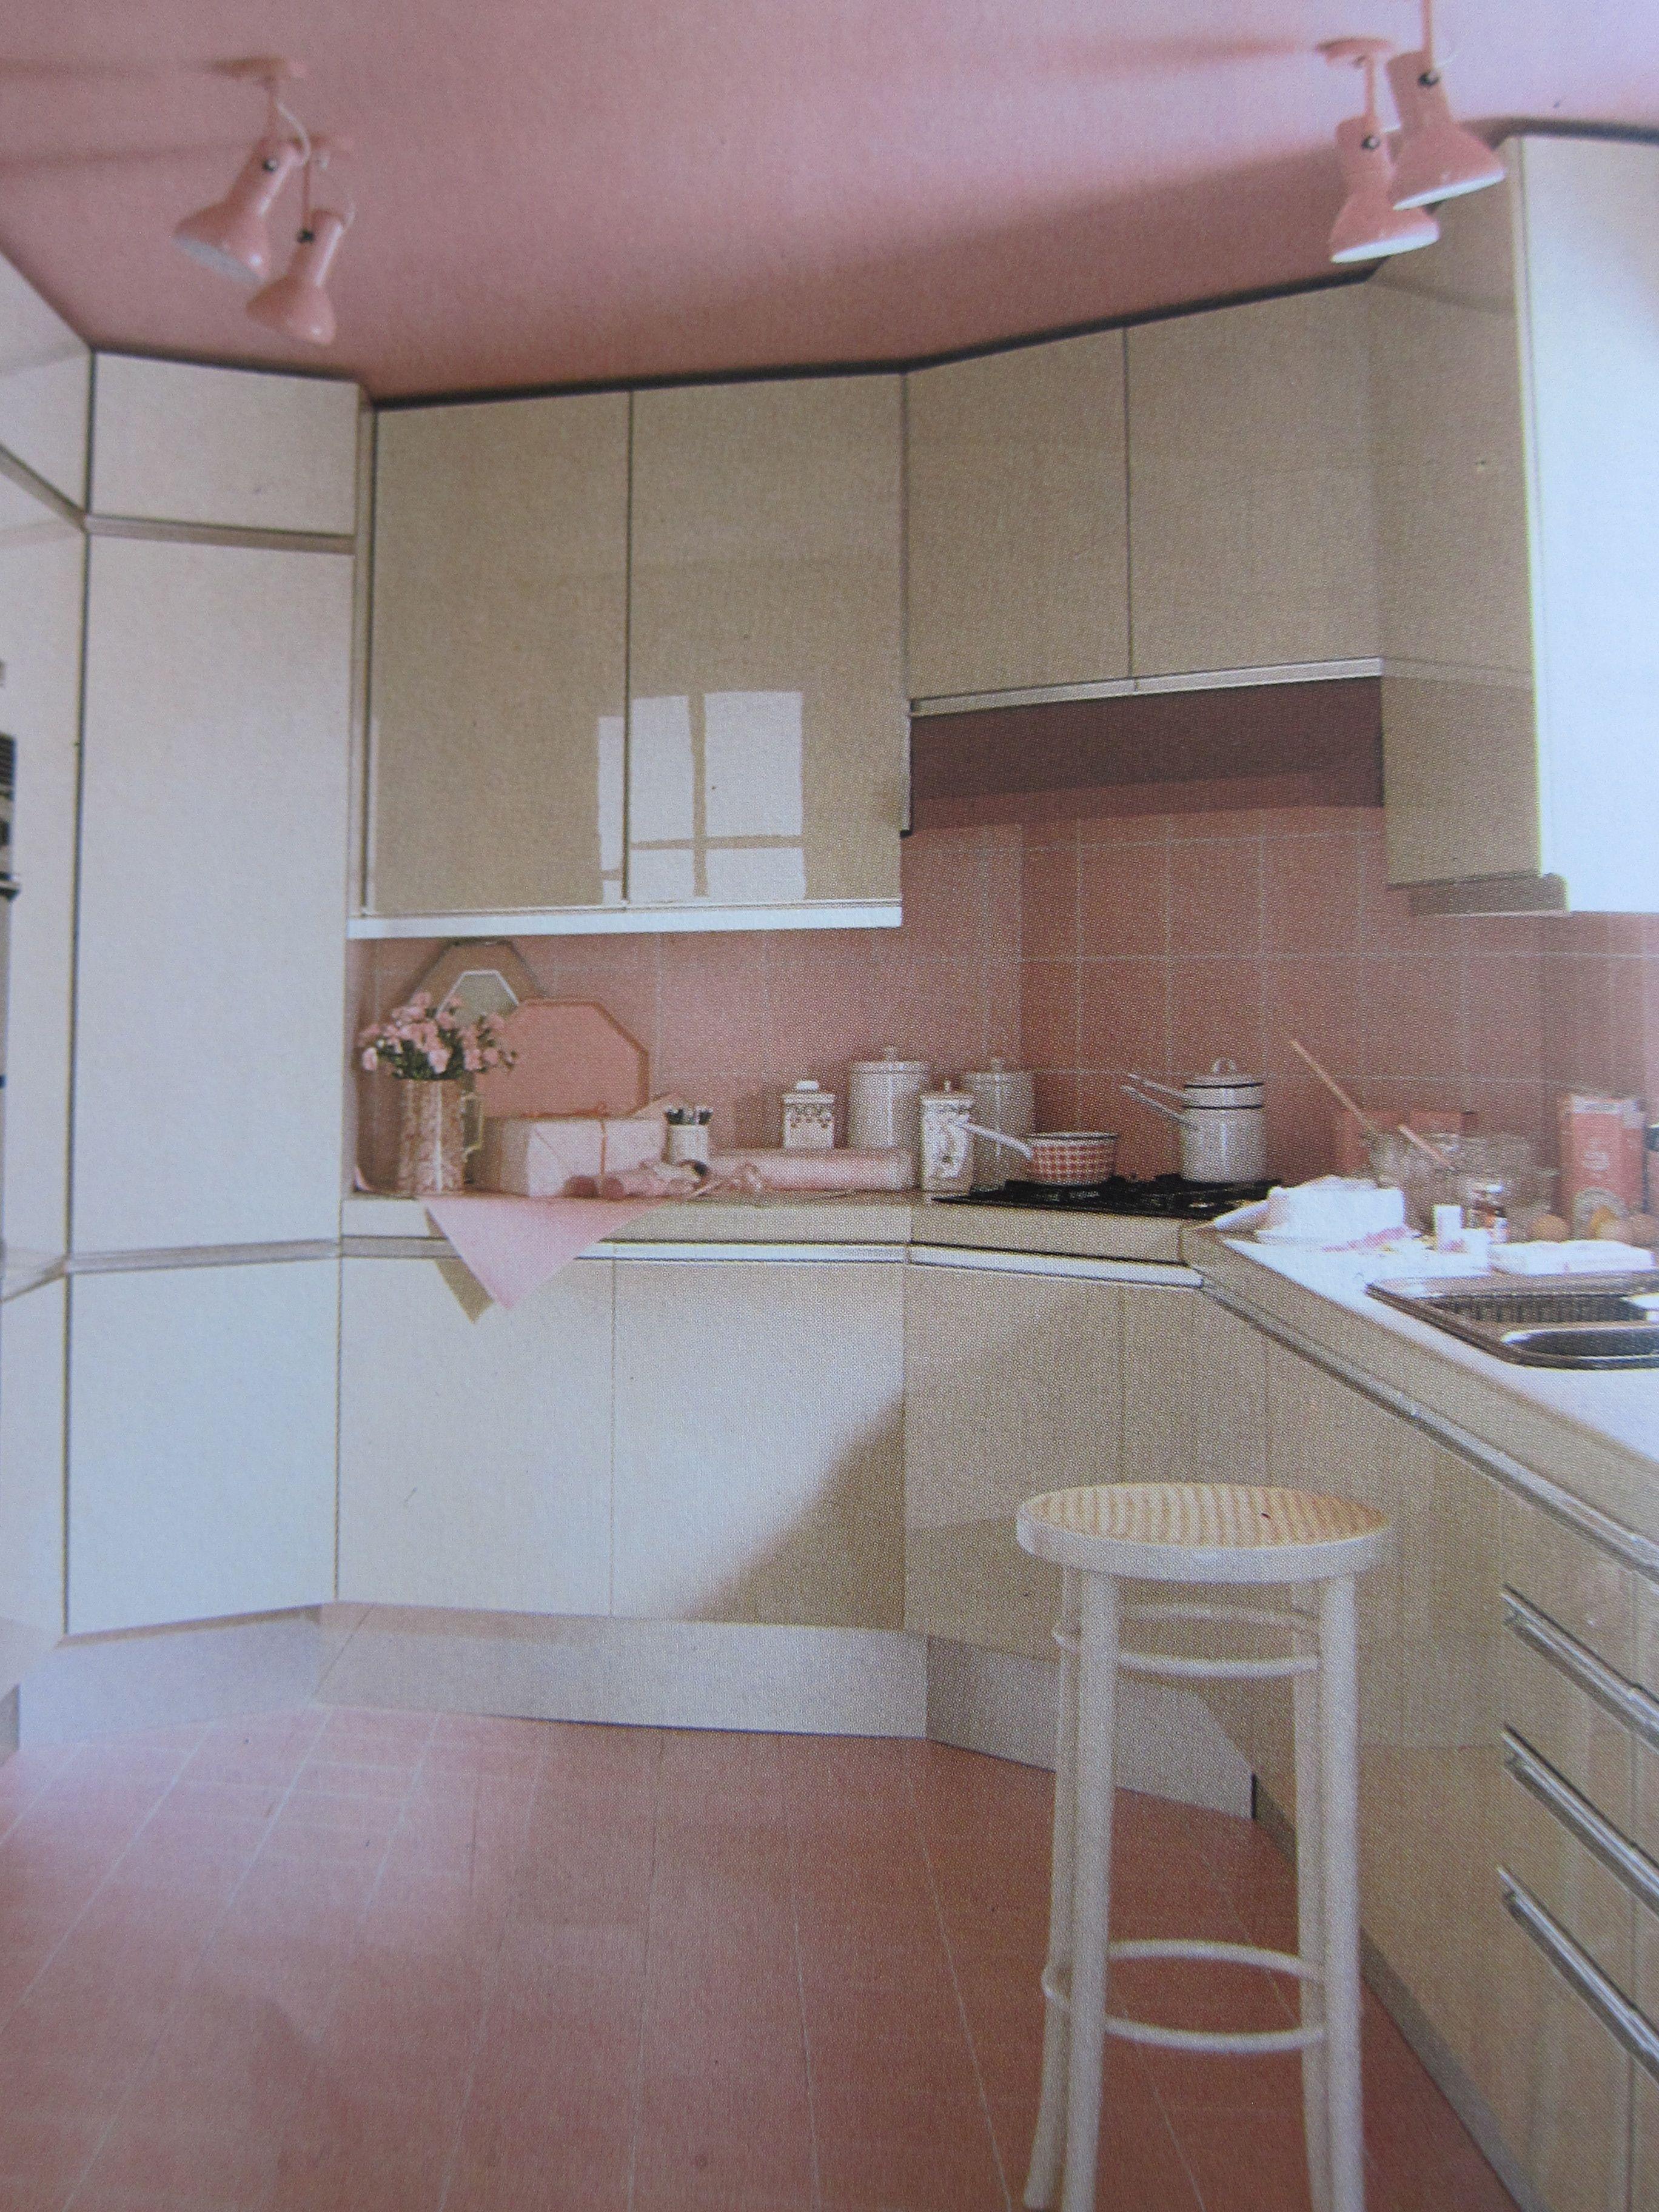 Weird Pink 80s Kitchen Interior Design Time Warp Pinterest